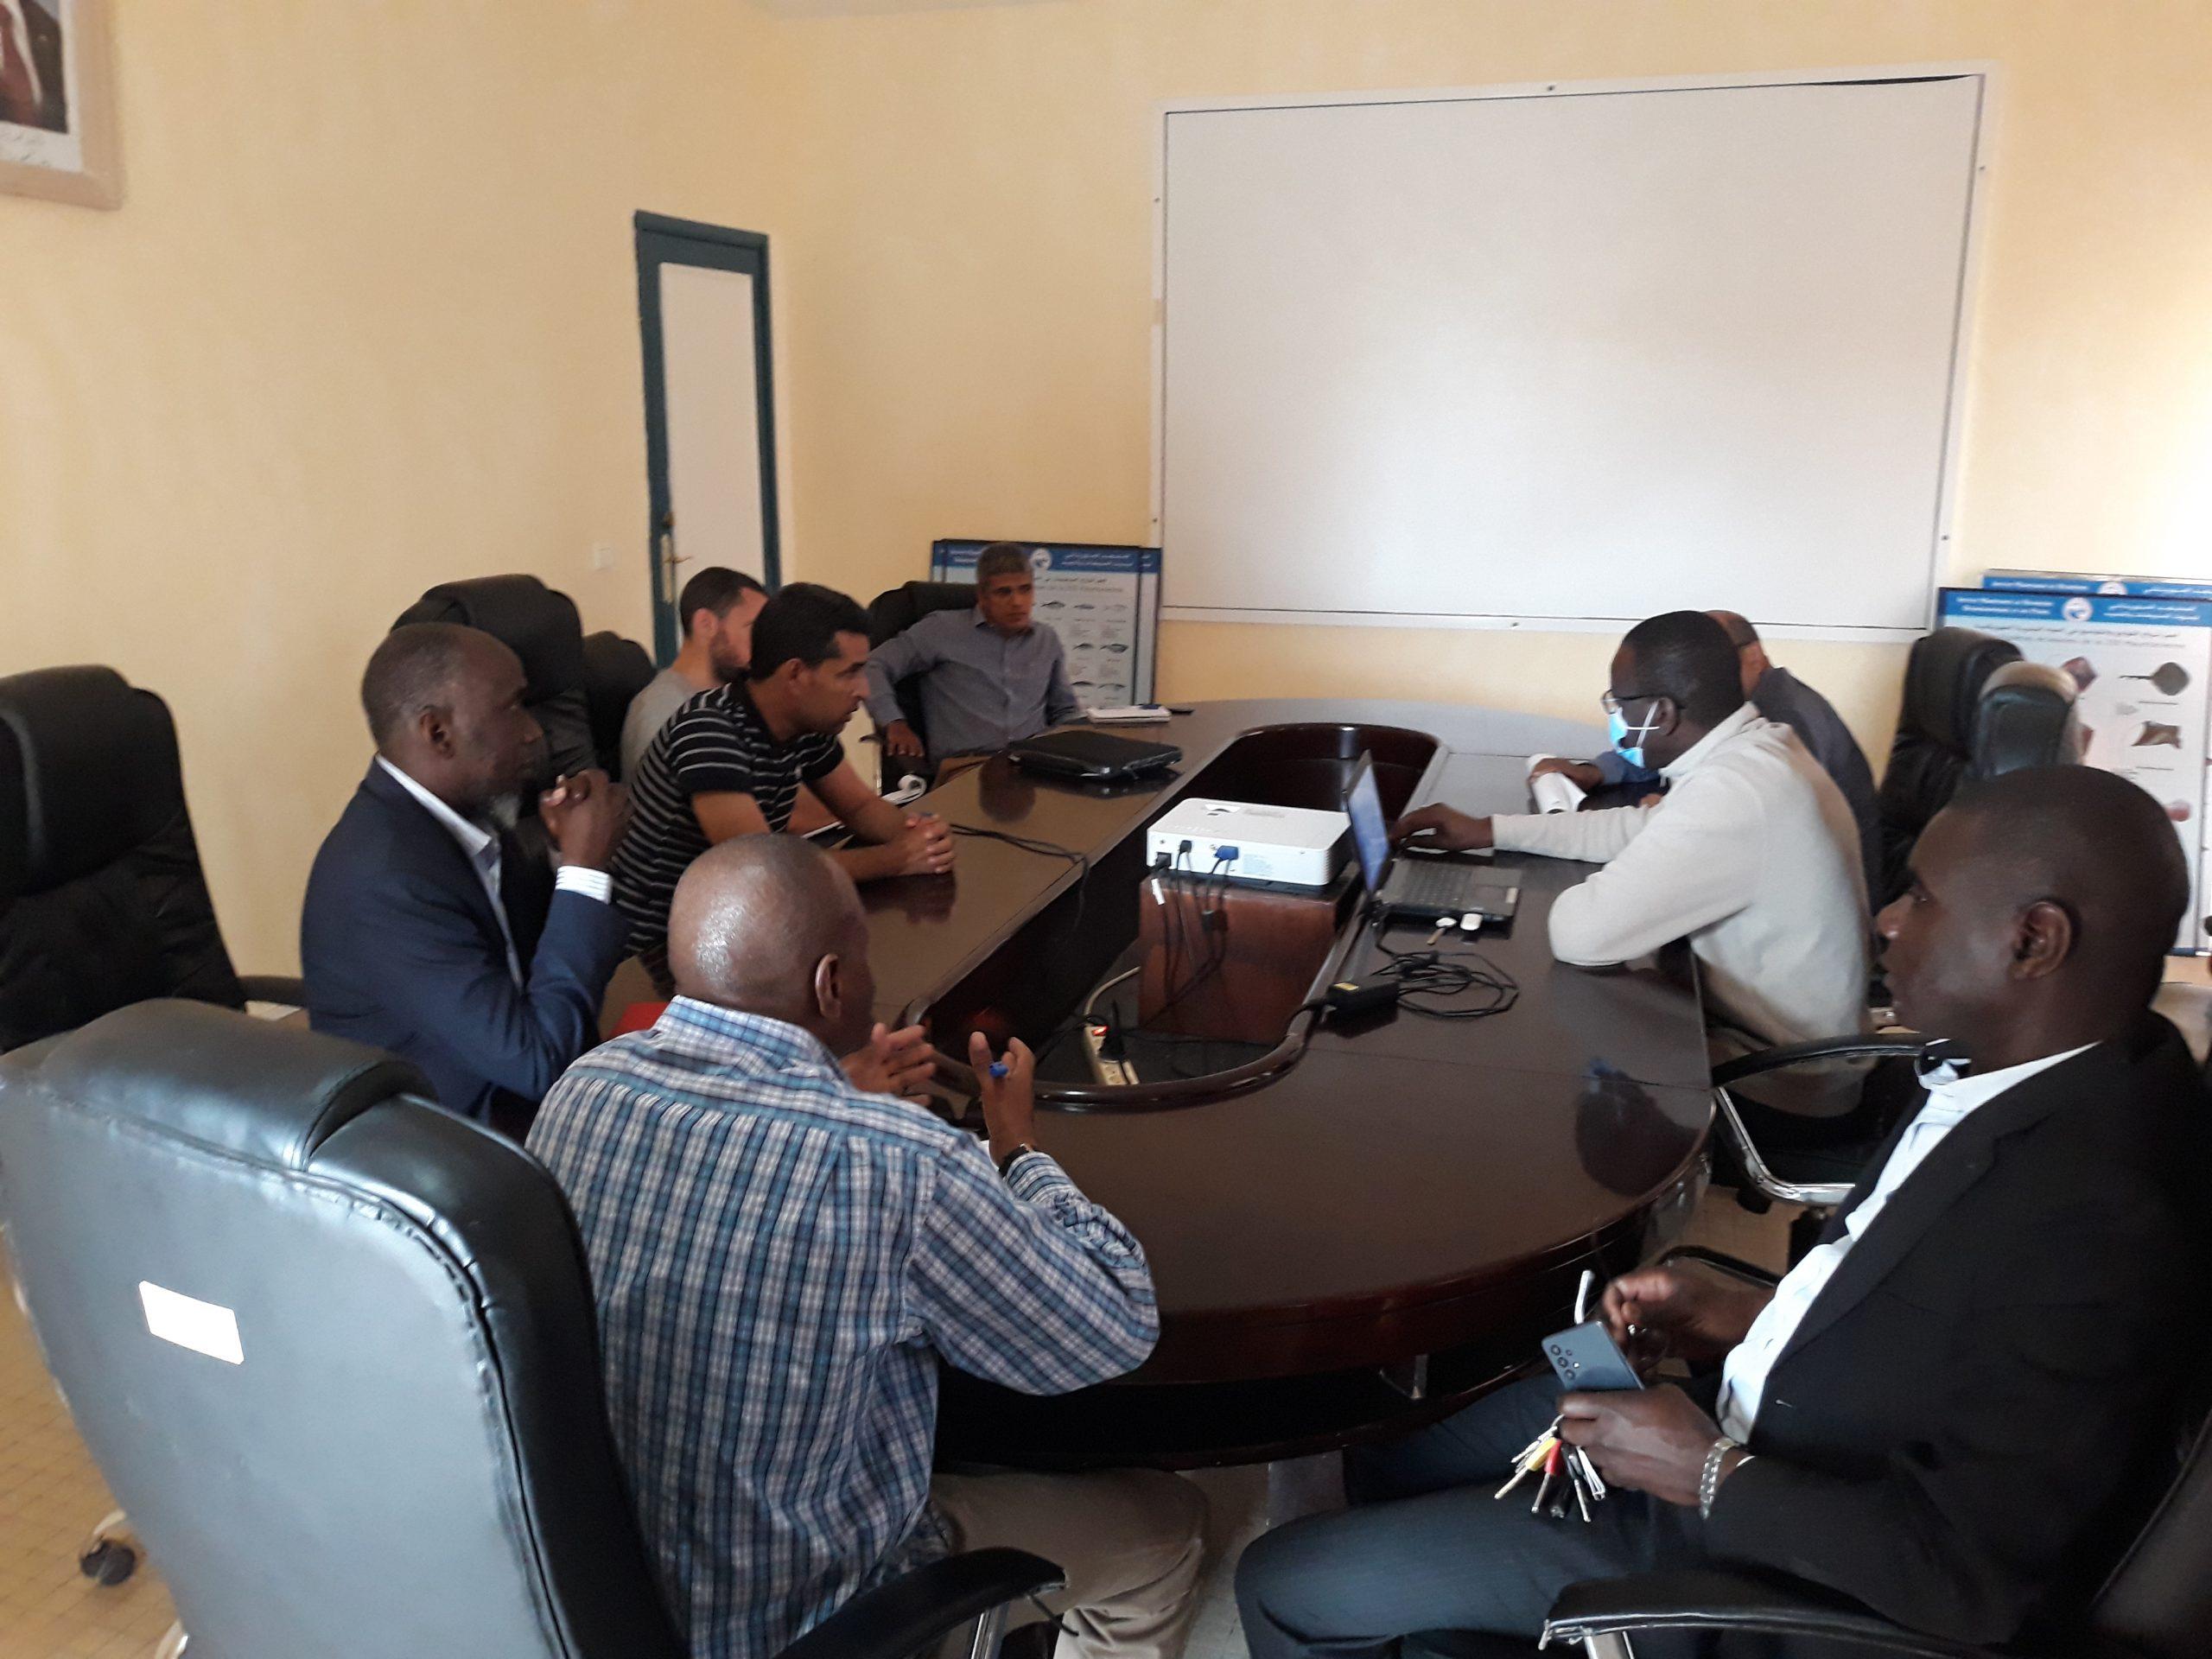 Réunion à l'IMROP pour la préparation de la 2ème mission du N/O «Amrigue» au PNBA, dans le cadre du programme  de recherche « Tortues d'Arguin » (ISPA – IMROP – PNBA)